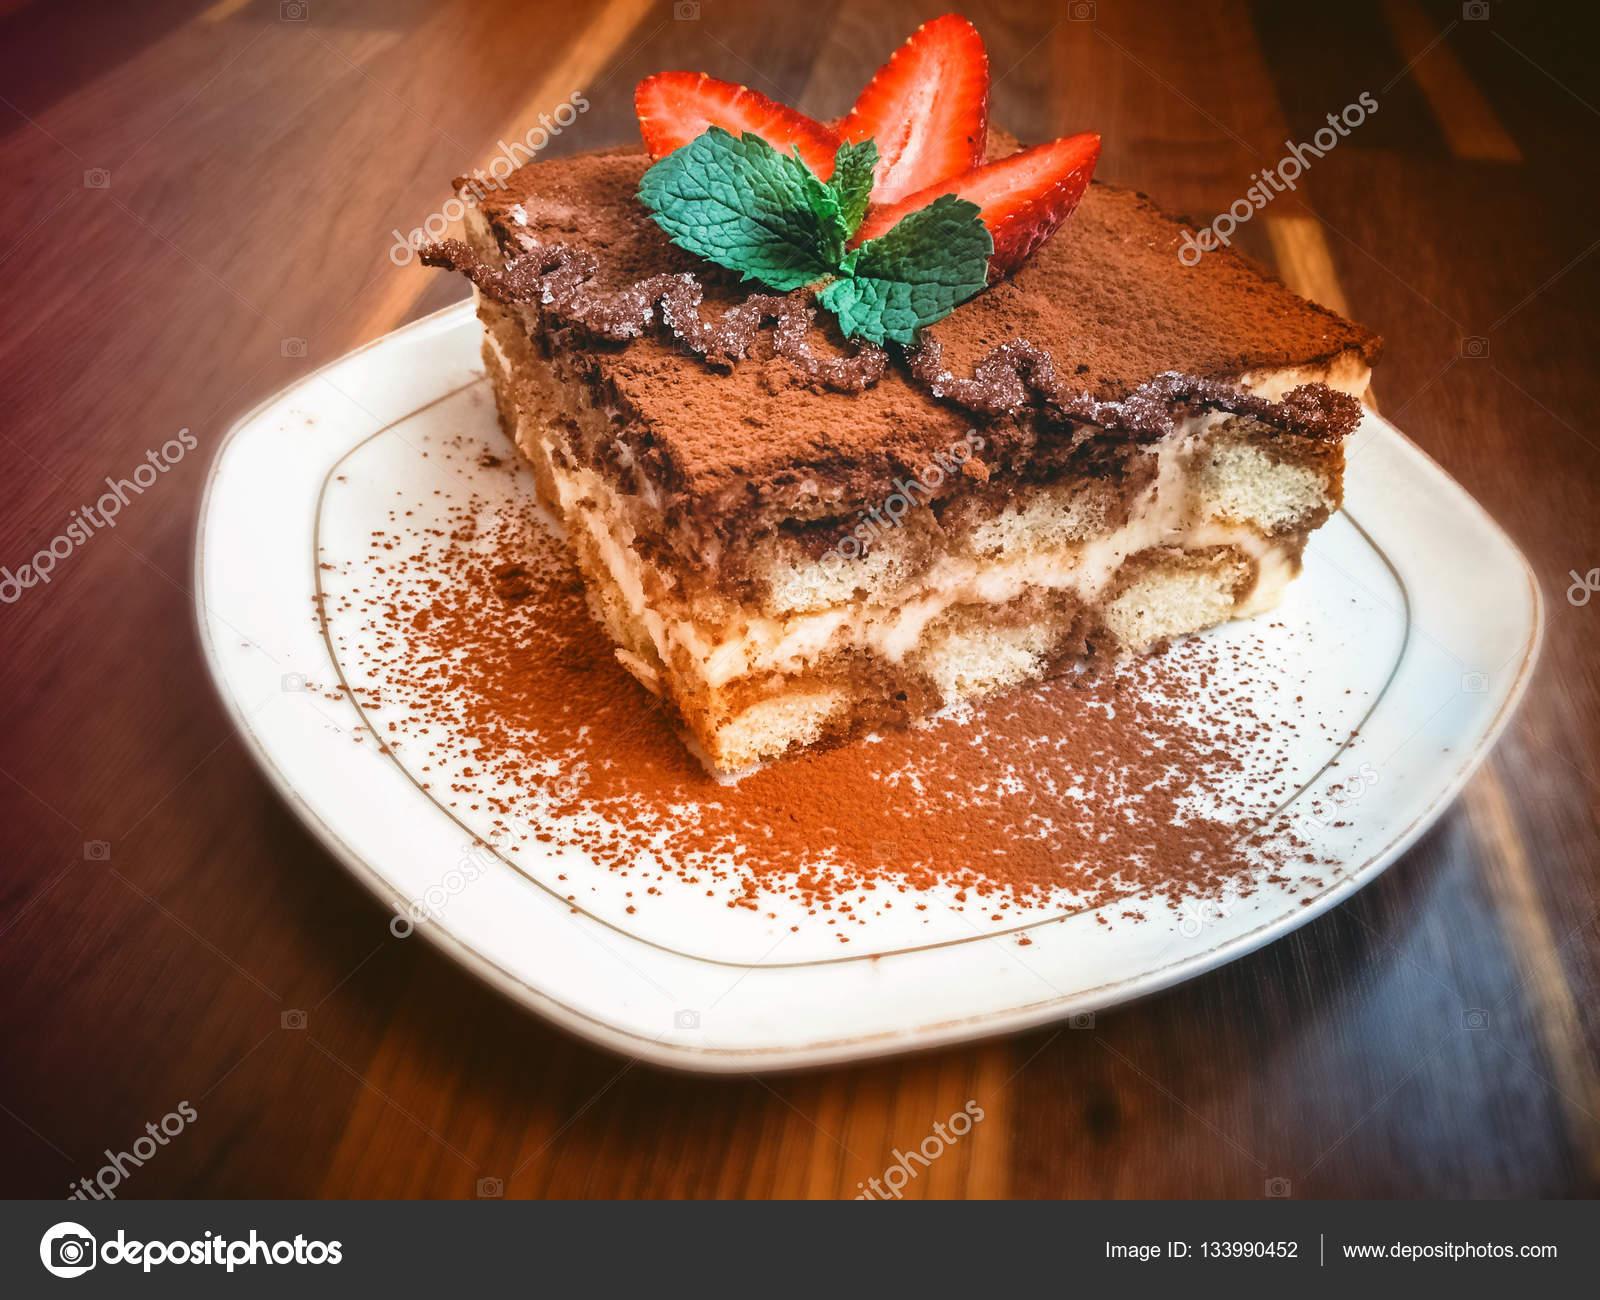 Leckeren Kuchen Erweckt Ein Gefuhl Der Liebe Fur Das Essen